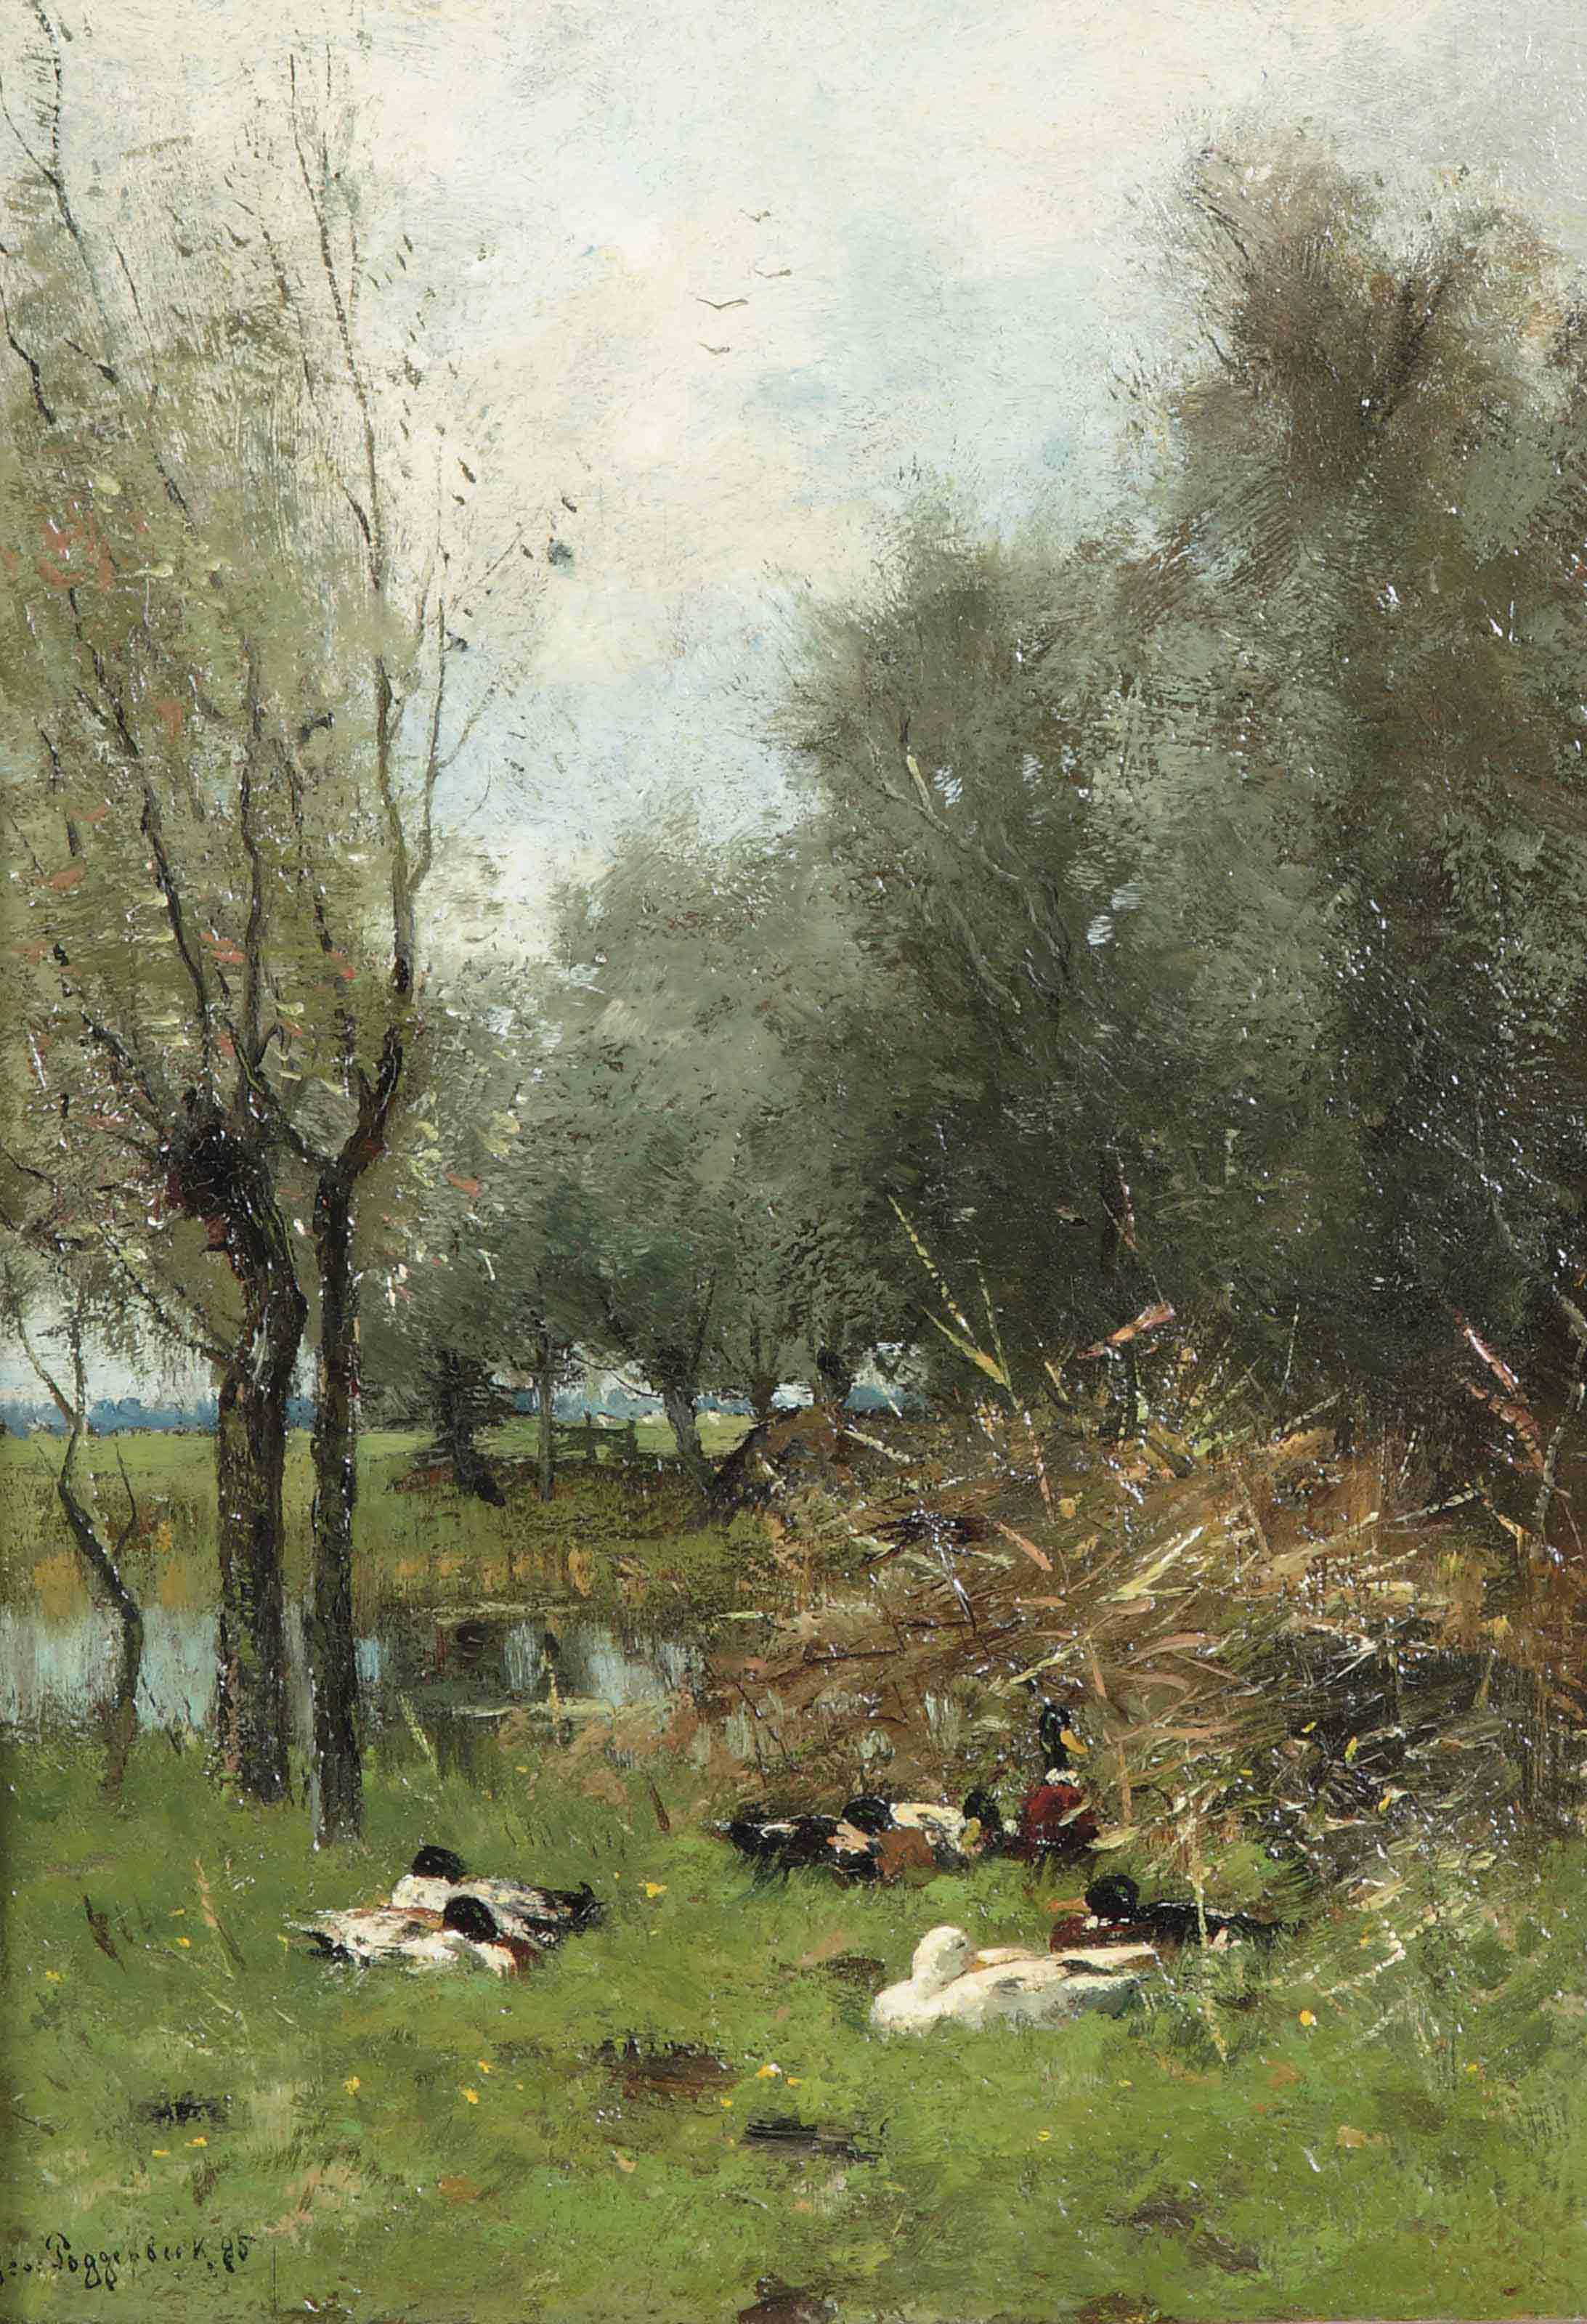 Ducks resting amongst the trees